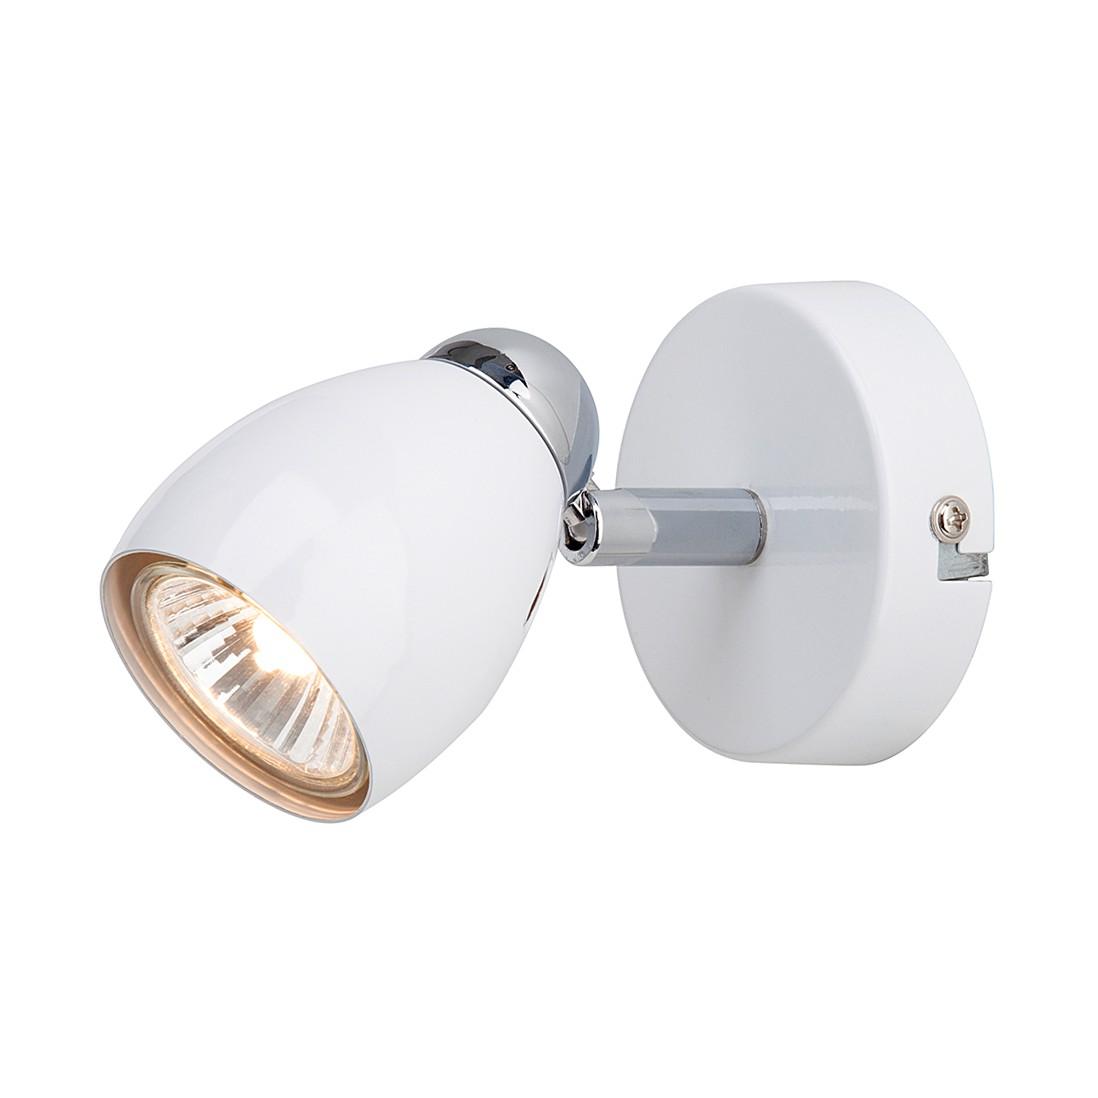 Wandleuchte Sally- Kunststoff/Metall – Silber – 1-flammig, Brilliant günstig bestellen